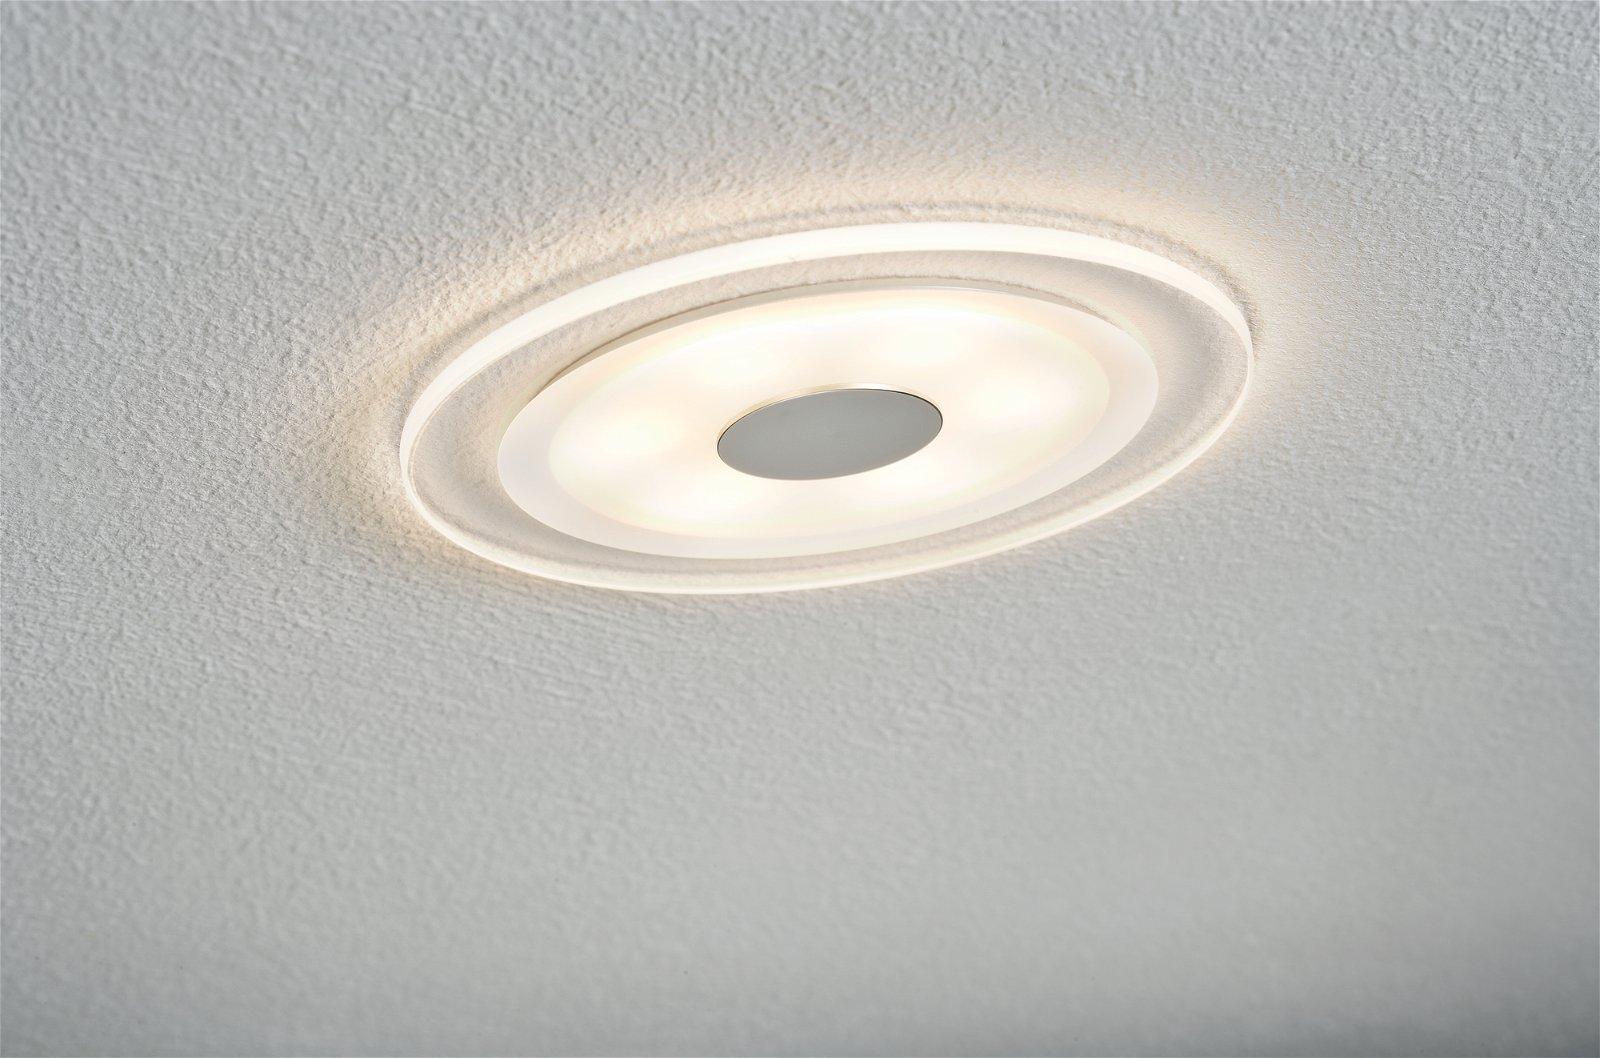 Premium LED Einbauleuchte Whirl Einzelleuchte rund 150mm 6,9W 655lm 230V 3000K Alu gedreht/Satin